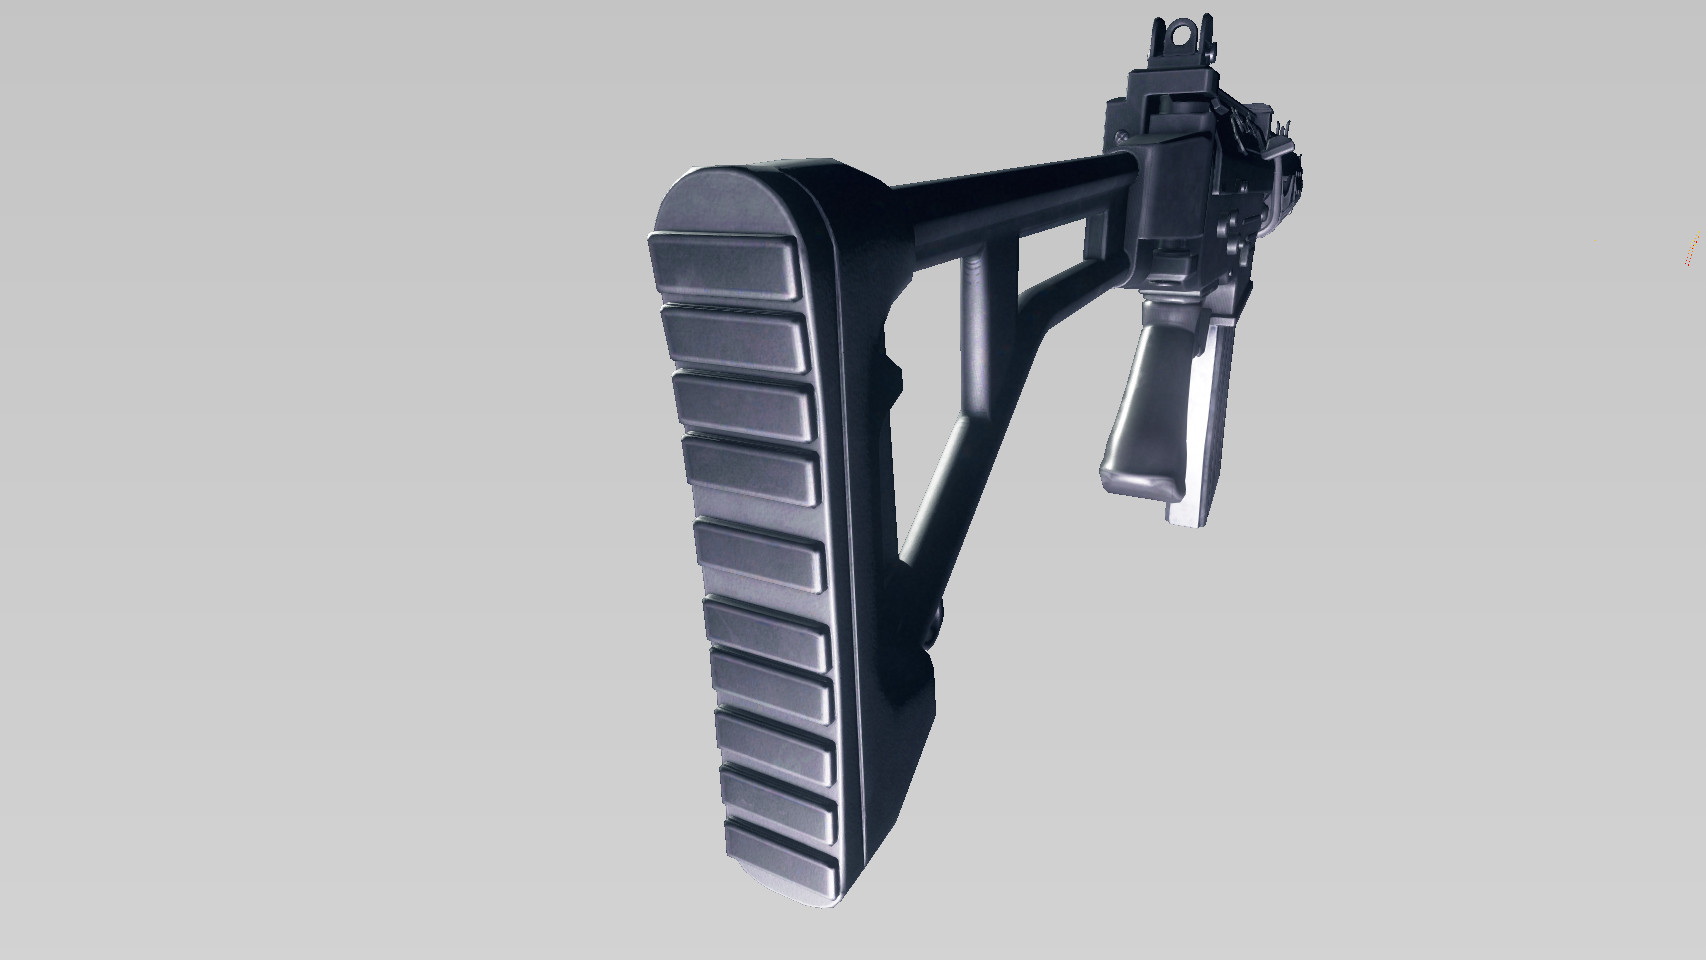 Daniel ketterman weapon